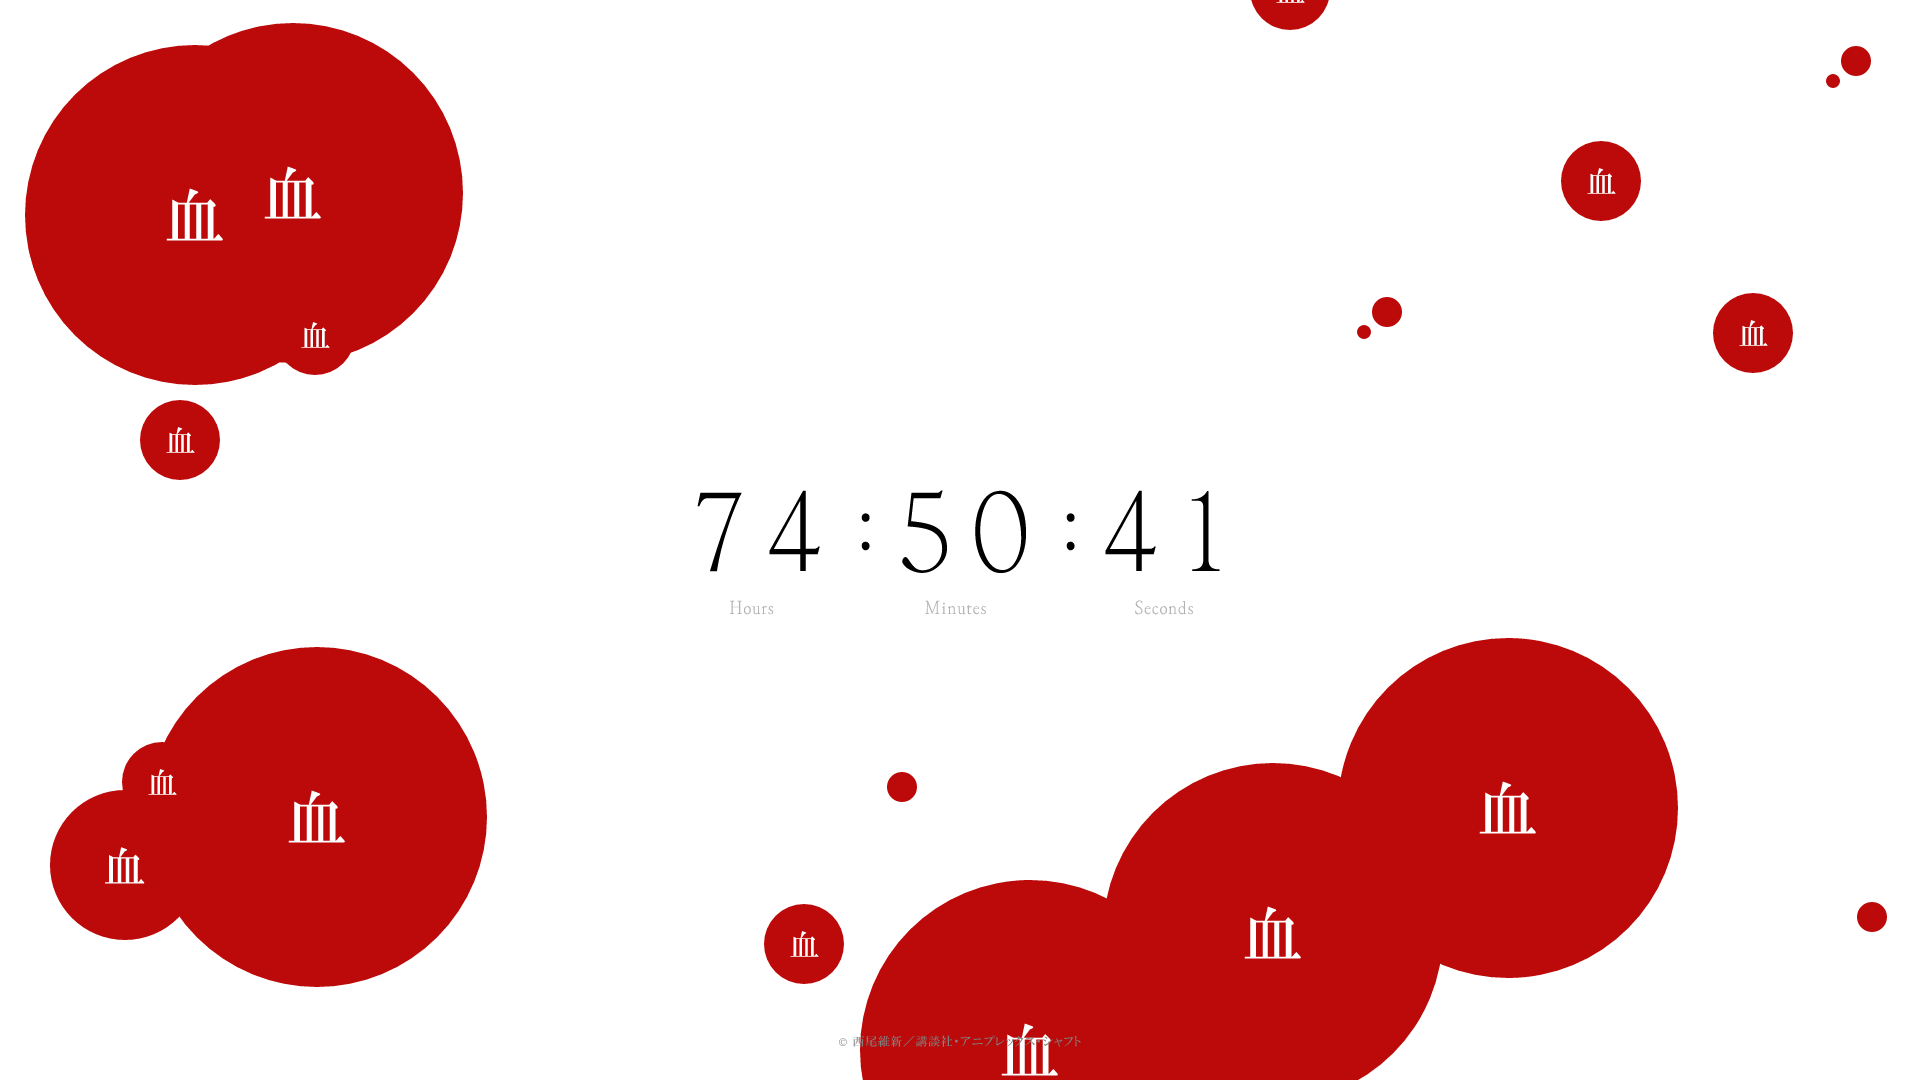 Mysterious Countdown Appears on Kizumonogatari Website